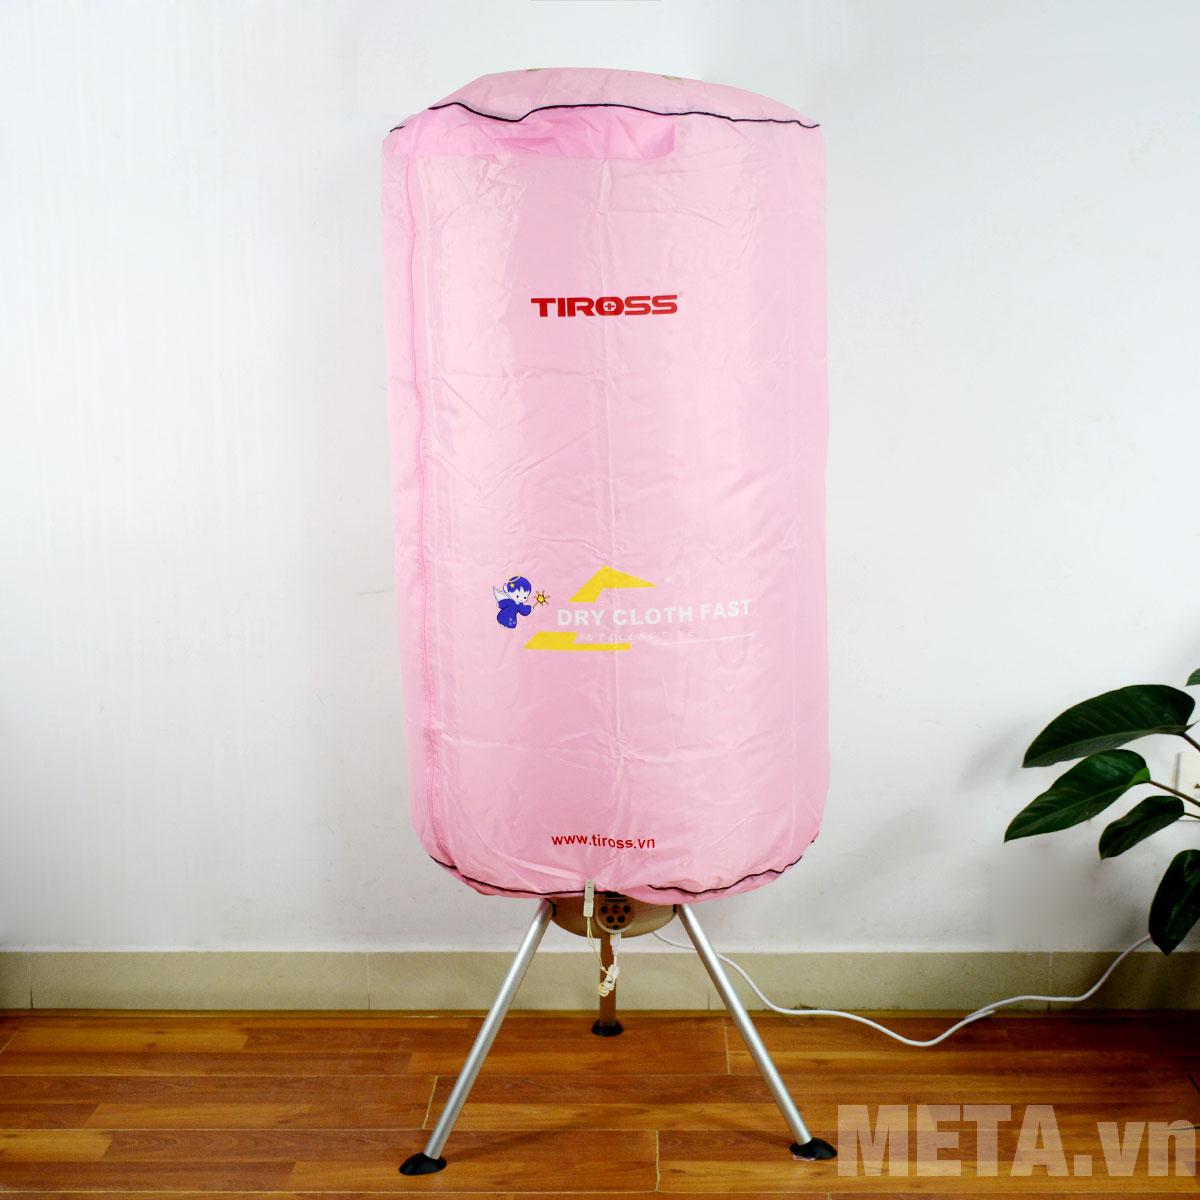 Hình ảnh máy sấy quần áo Tiross TS-881